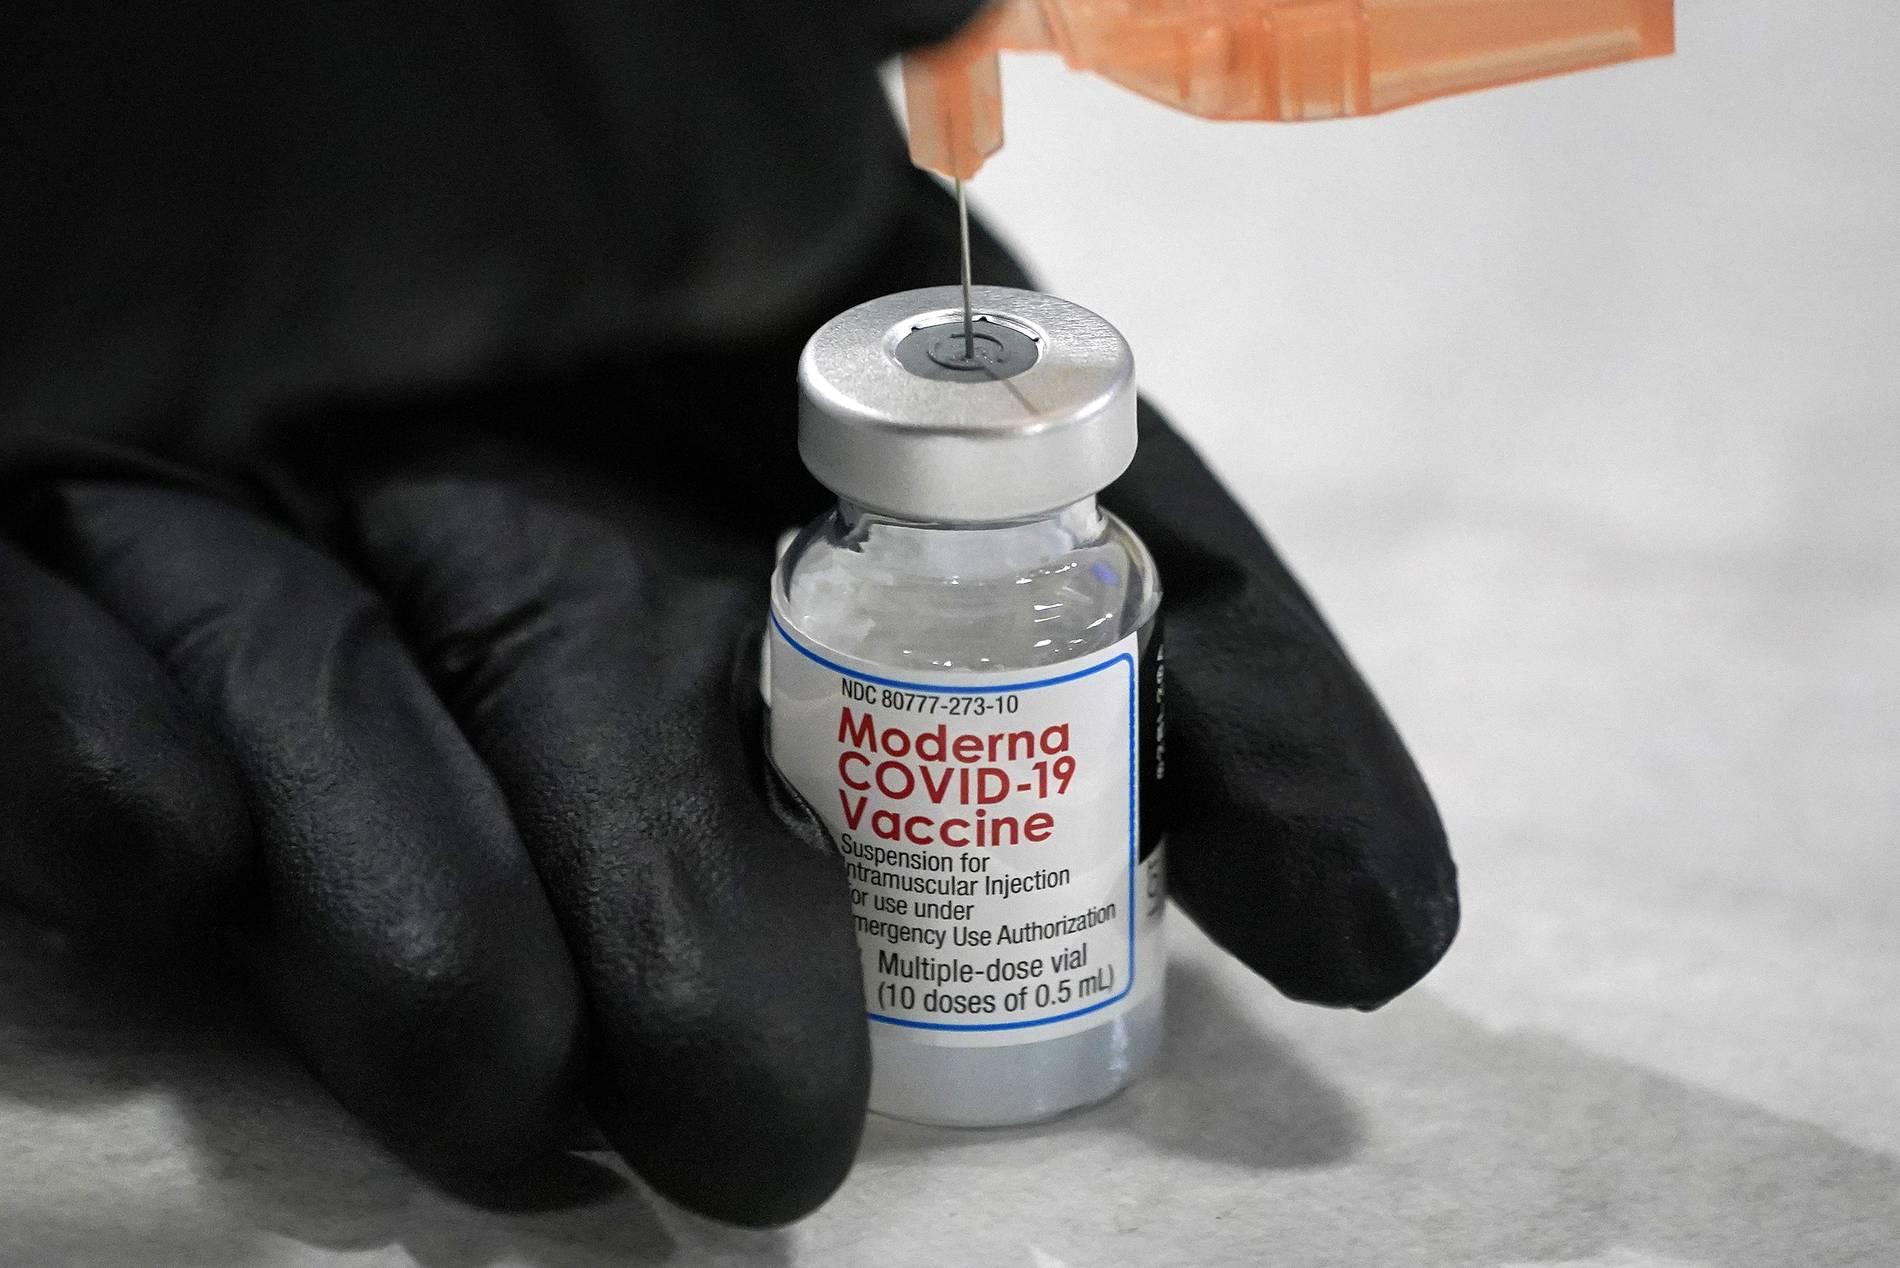 Italien: Auch Moderna könnte weniger Impfstoff liefern